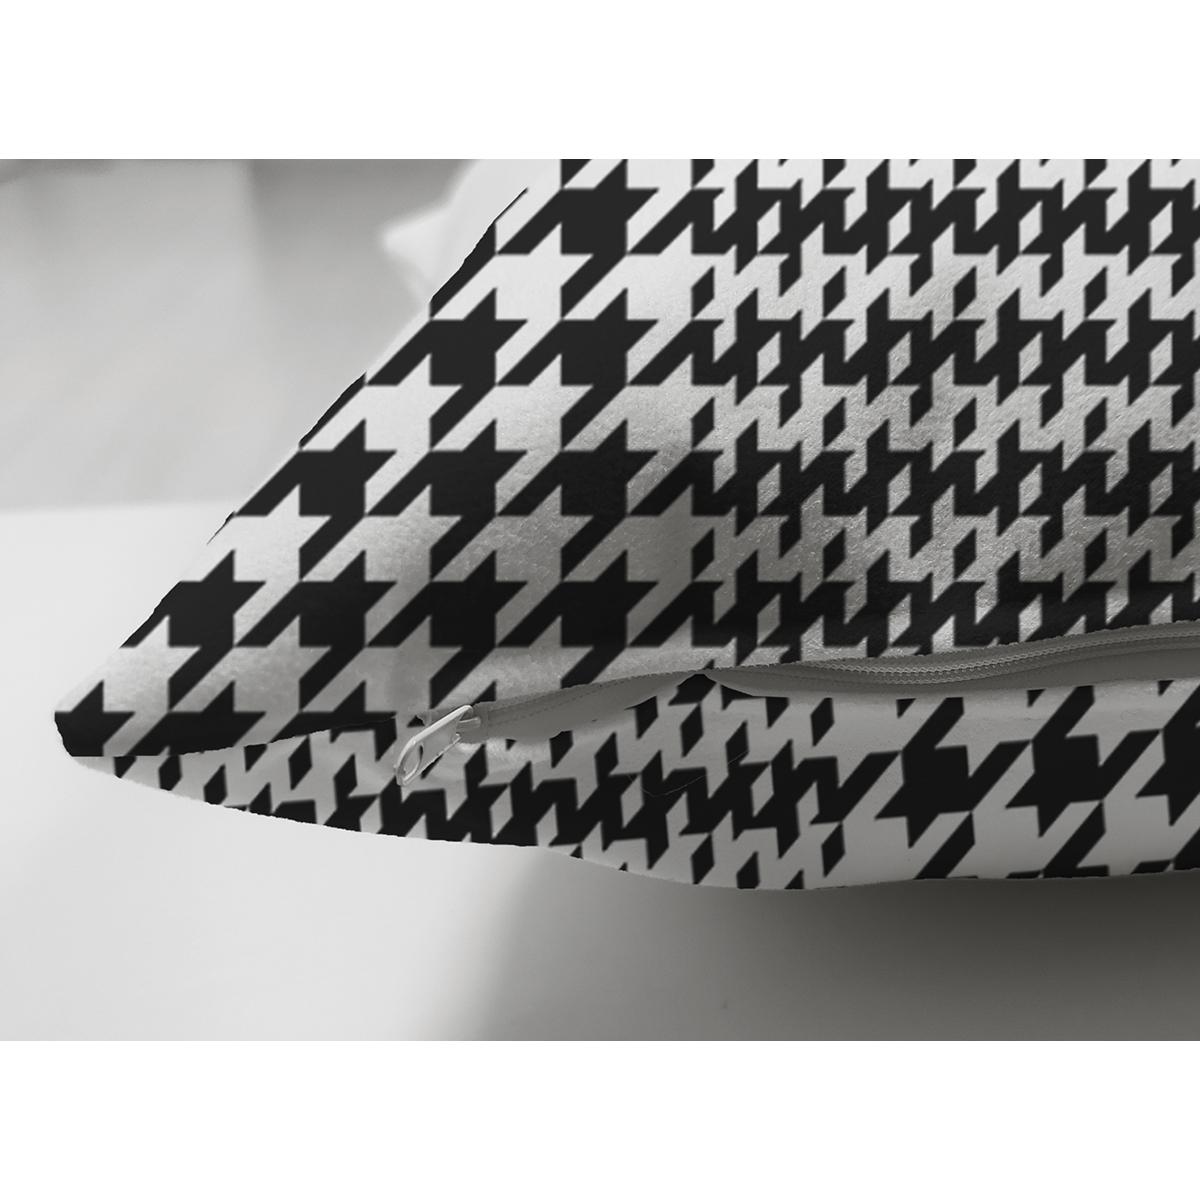 Çift Taraflı Beyaz Zeminli Siyah Zebra Desenli Dijital Baskılı Modern Süet Yastık Kırlent Kılıfı Realhomes